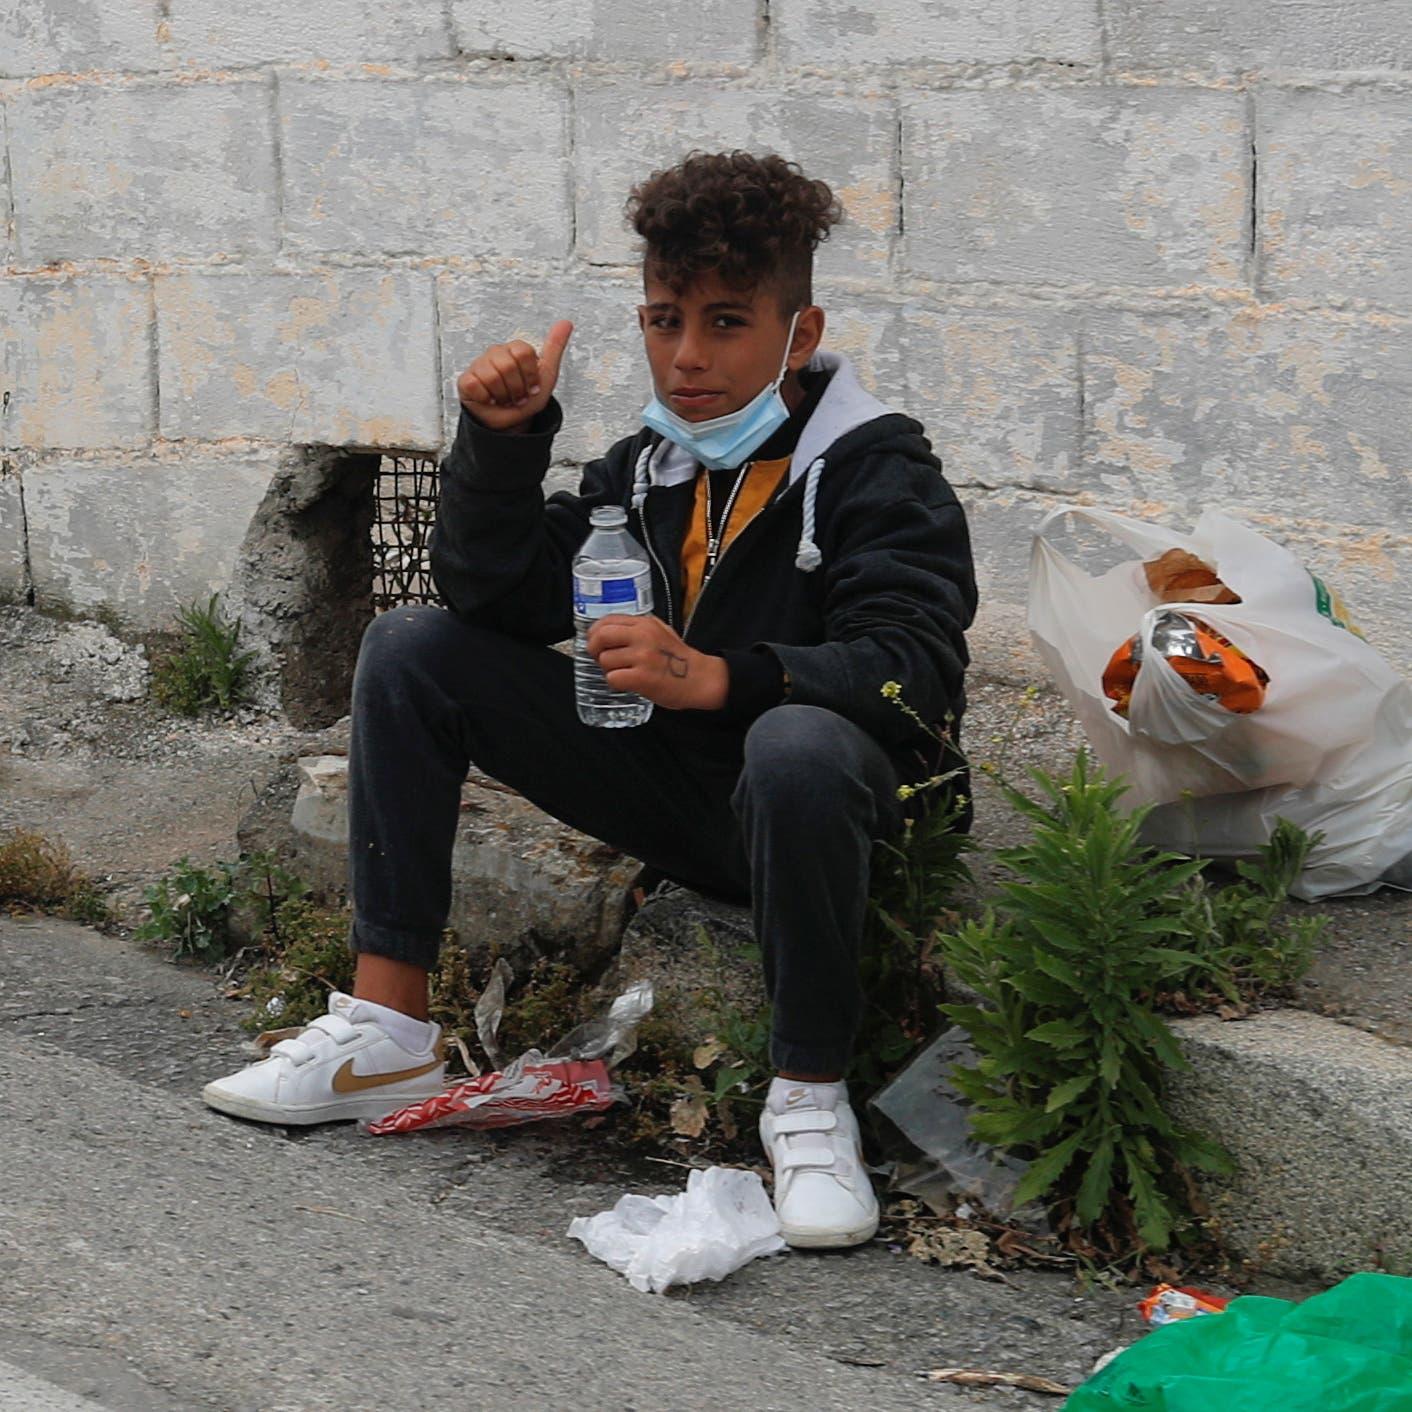 إدانات حقوقية لترحيل إسبانيا للمهاجرين القصر من سبتة